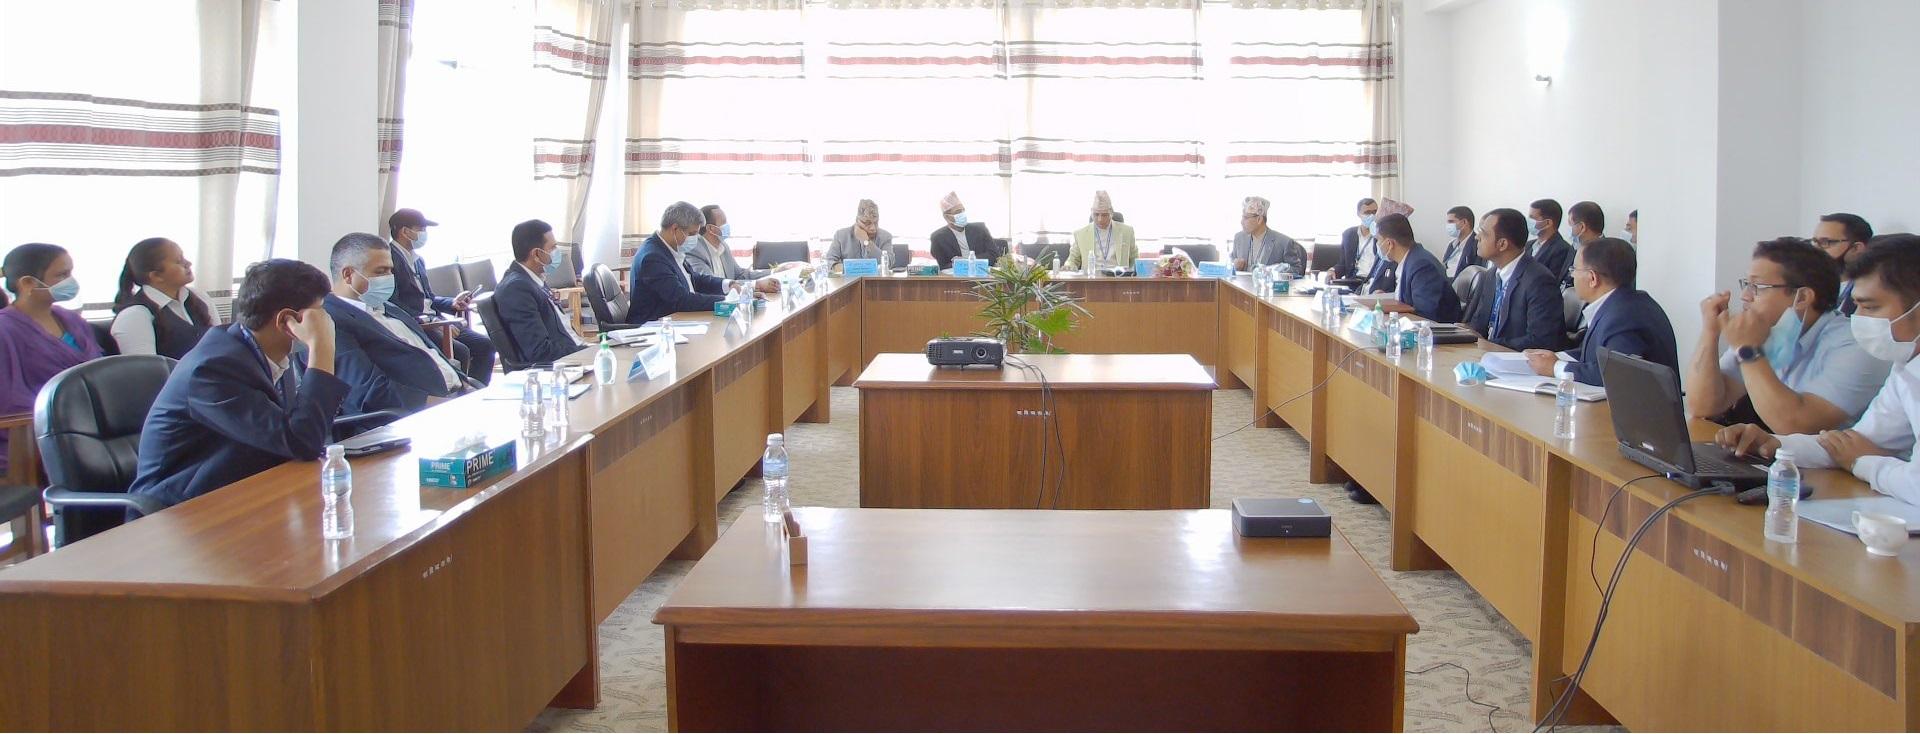 तालिम निर्देशक समिति बैठक (२०७८ आश्विन १२)